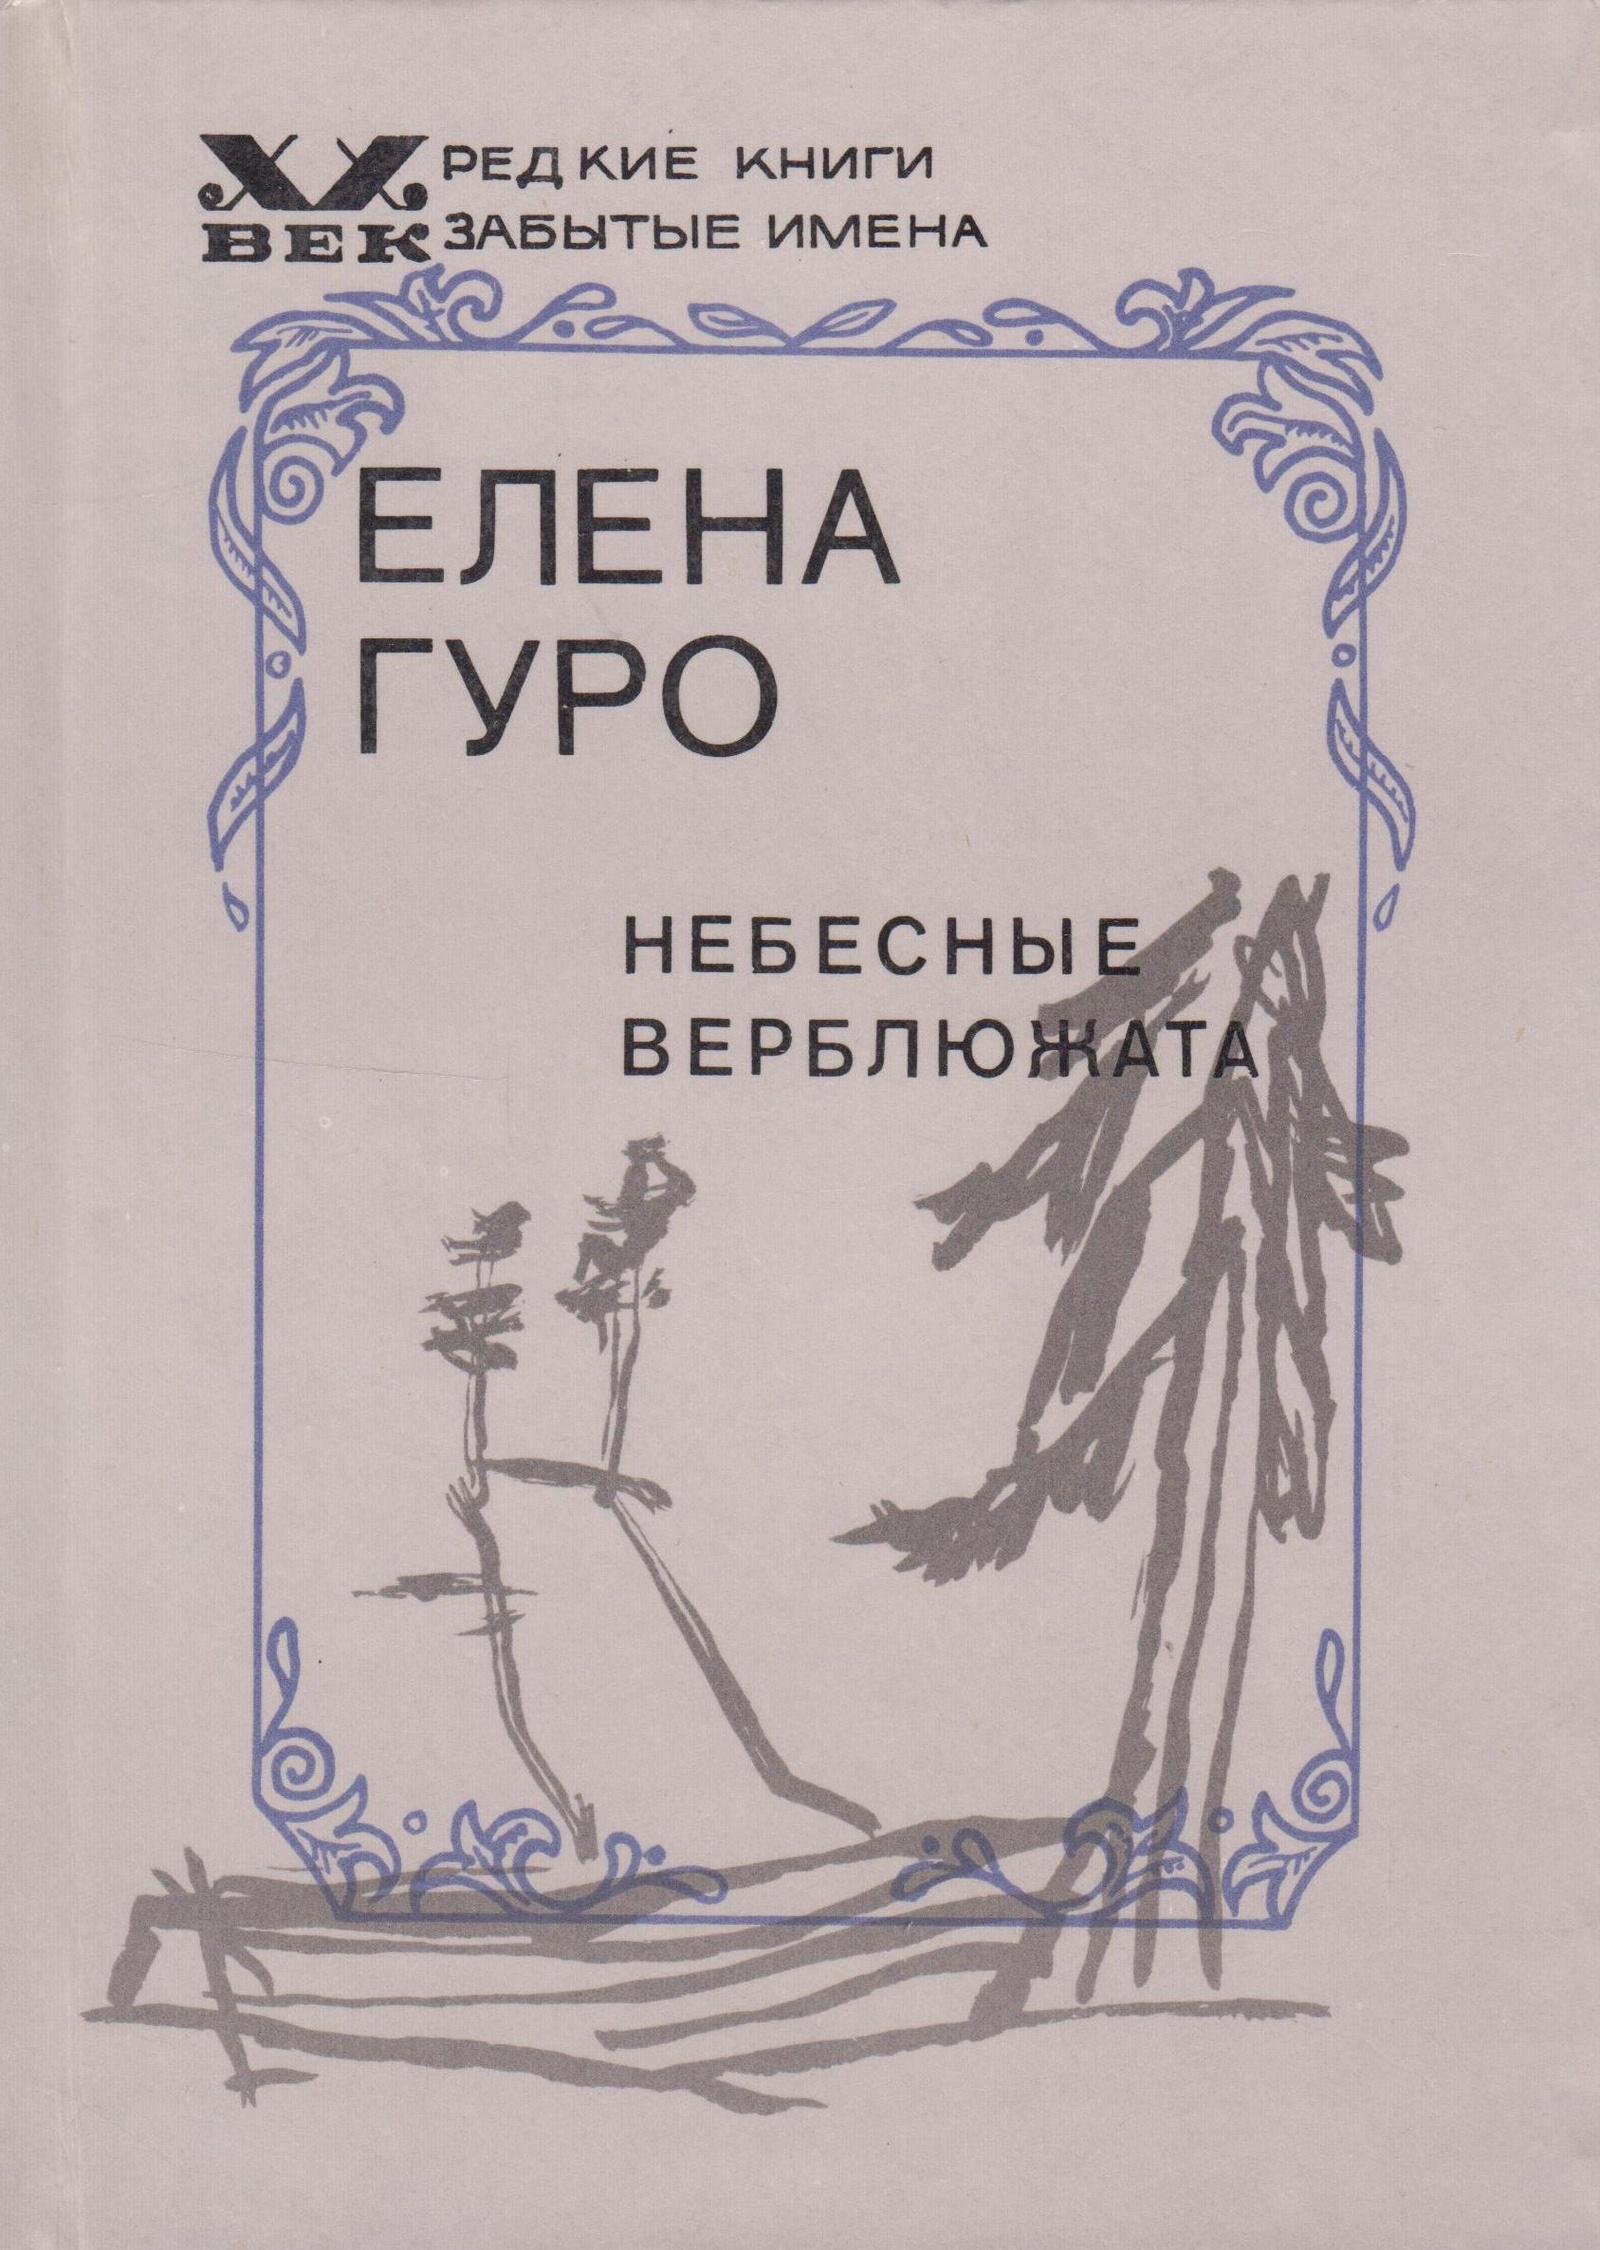 Гуро Елена Генриховна Небесные верблюжата толстая е бедный рыцарь интеллектуальное странствие акима волынского